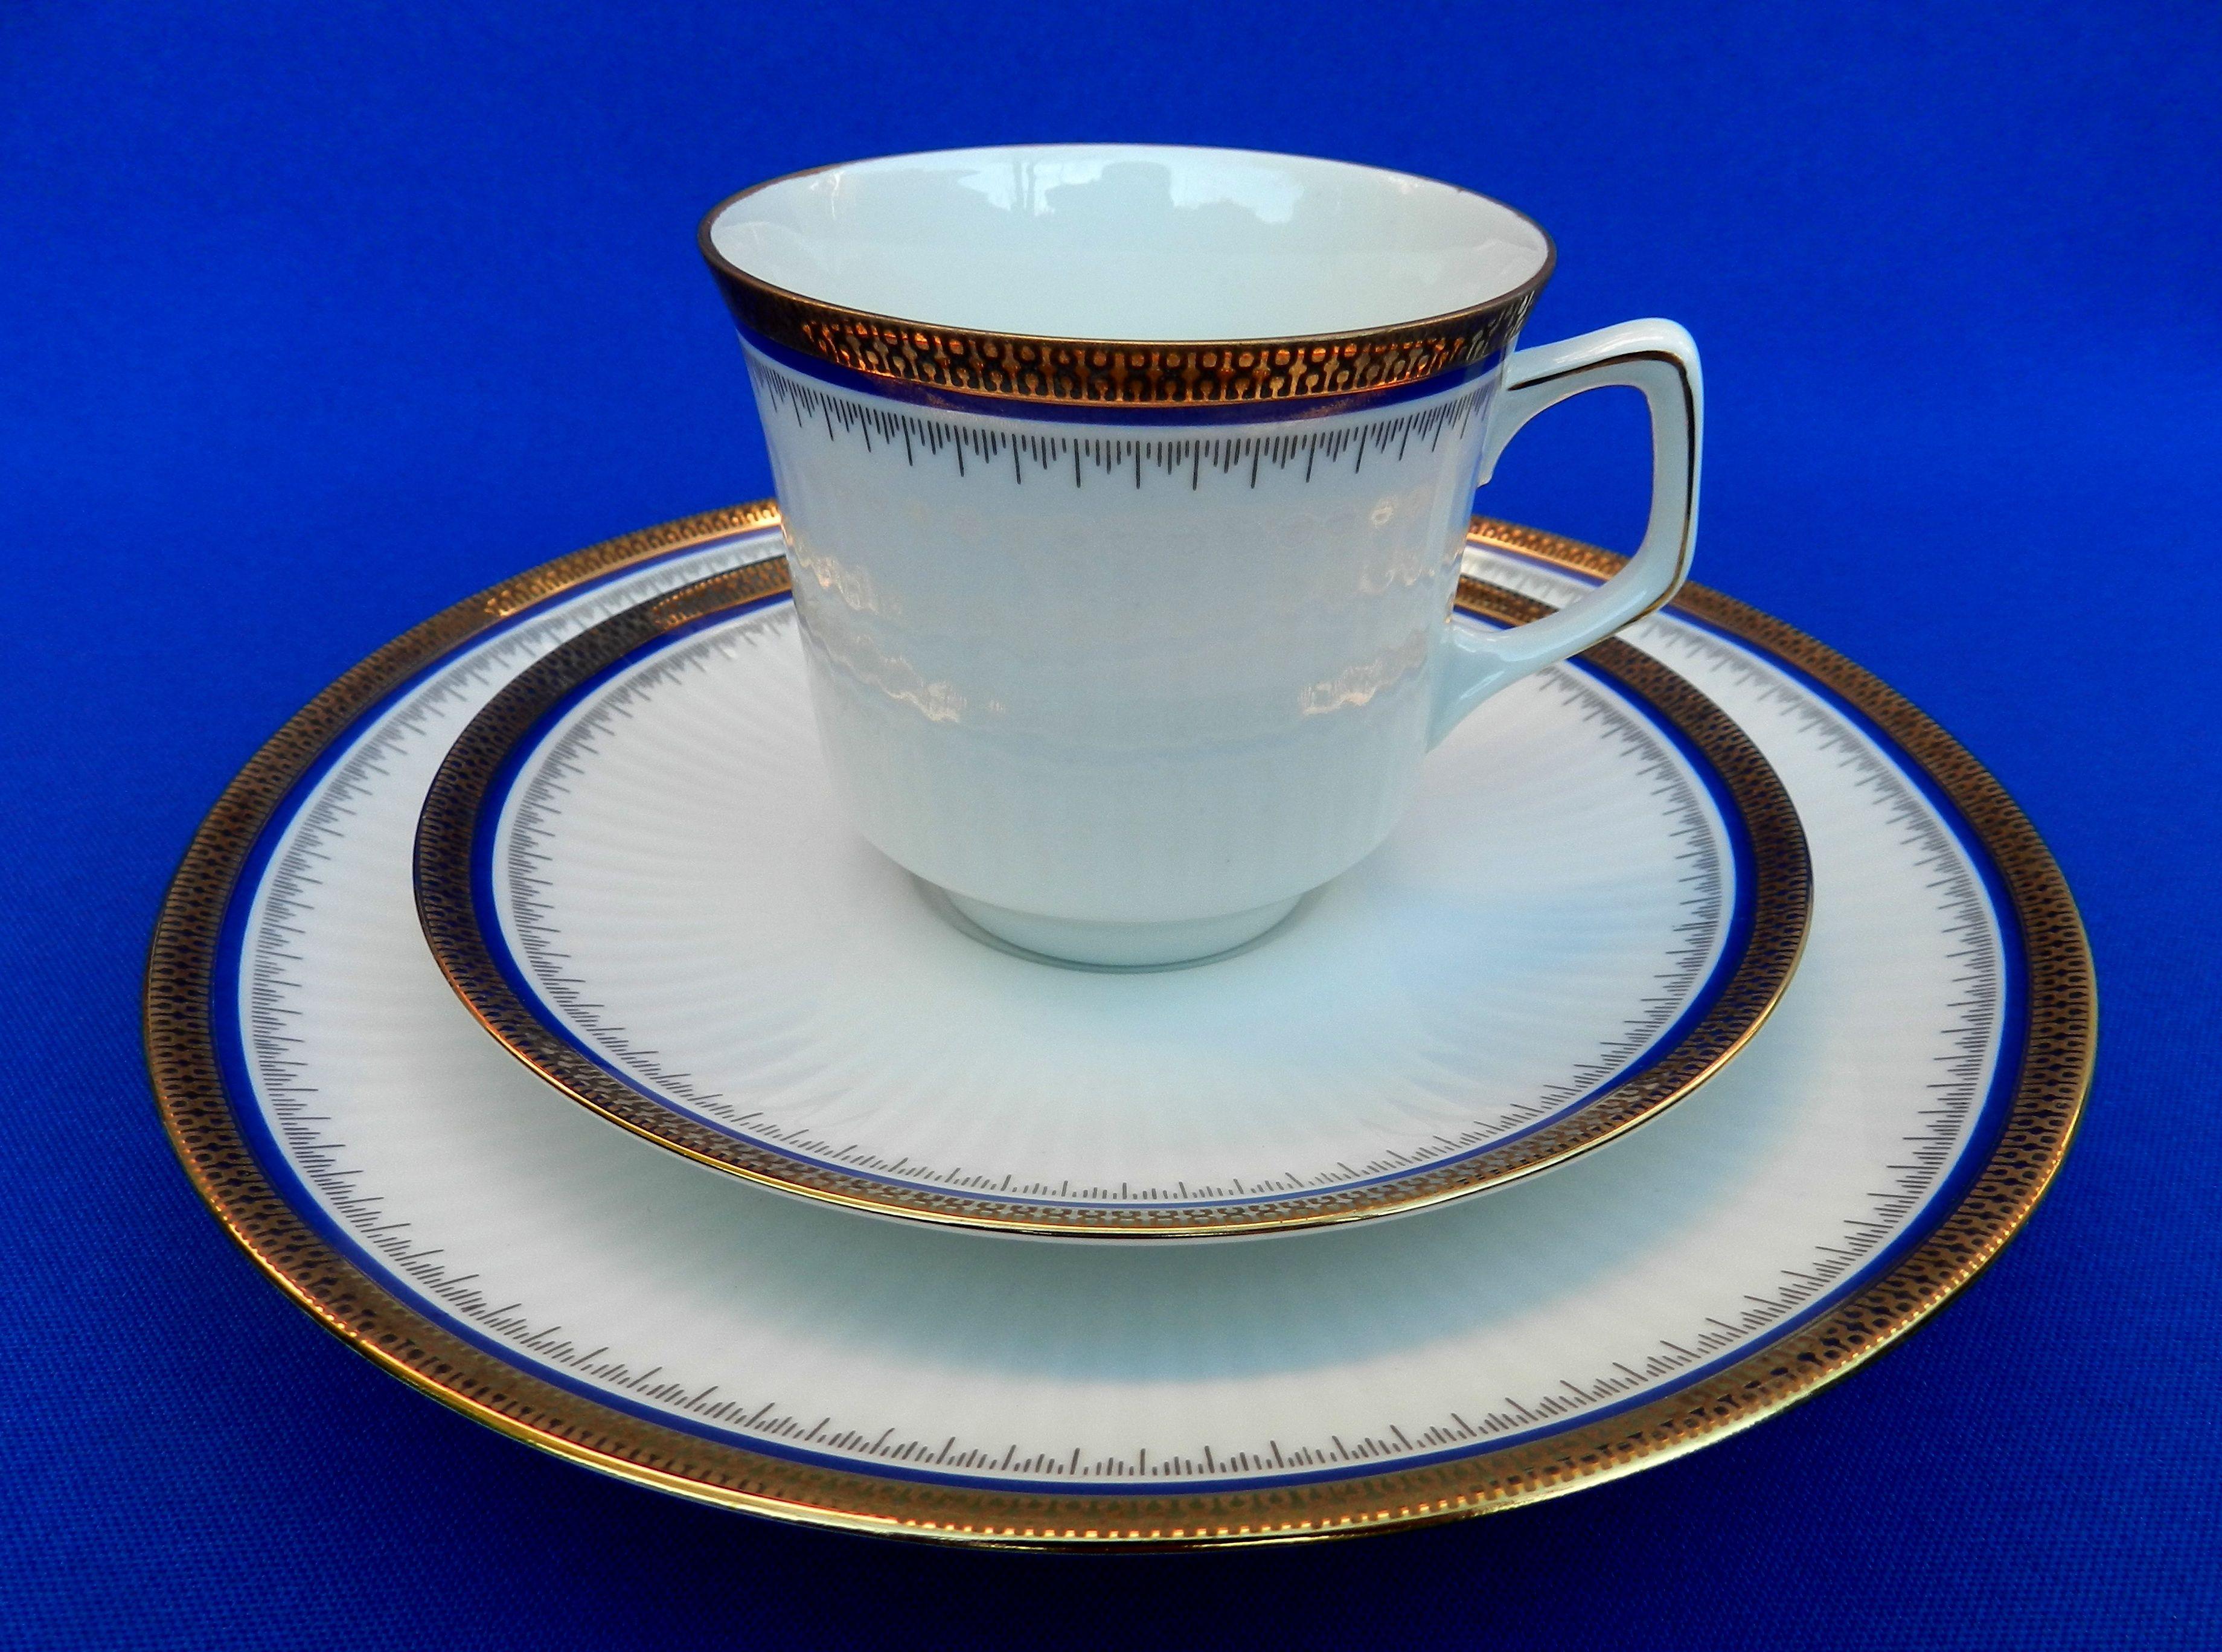 *JAHRE BAREUTHER WALDSASSEN BAVARIA* *Trío para Té en Porcelana Alemana* & JAHRE BAREUTHER WALDSASSEN BAVARIA* *Trío para Té en Porcelana ...